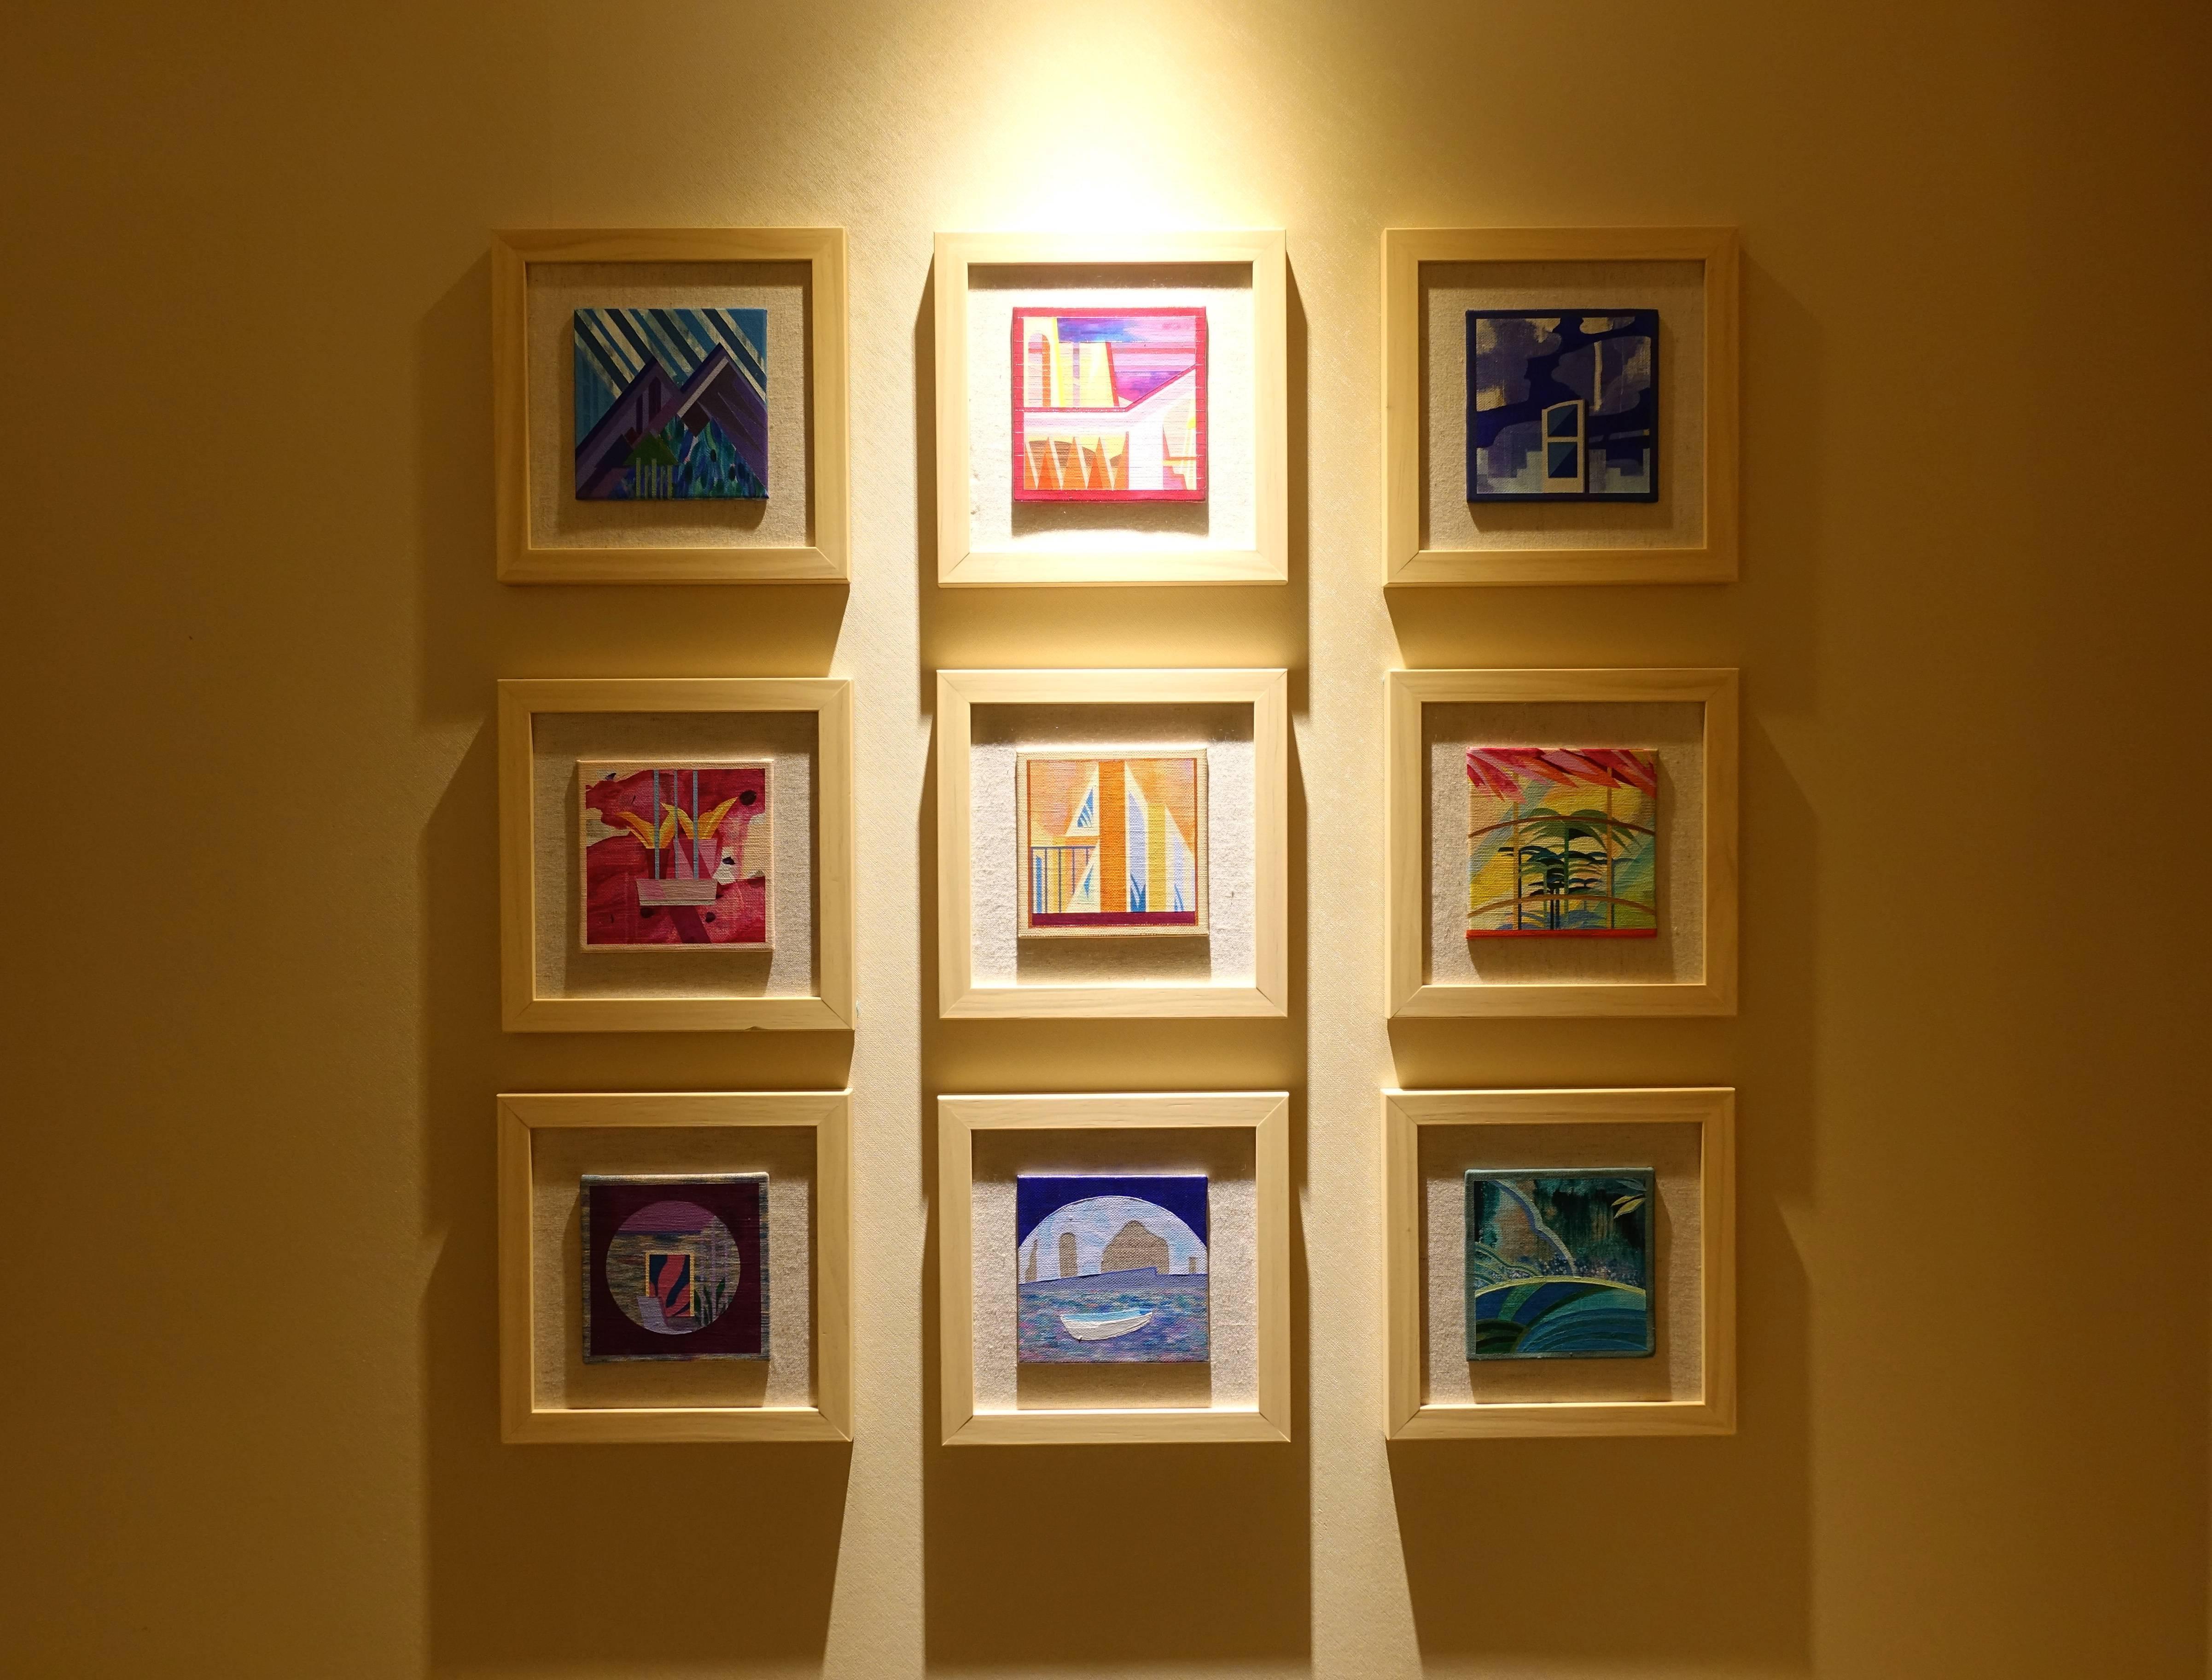 木木藝術展出藝術家溫孟瑜作品。